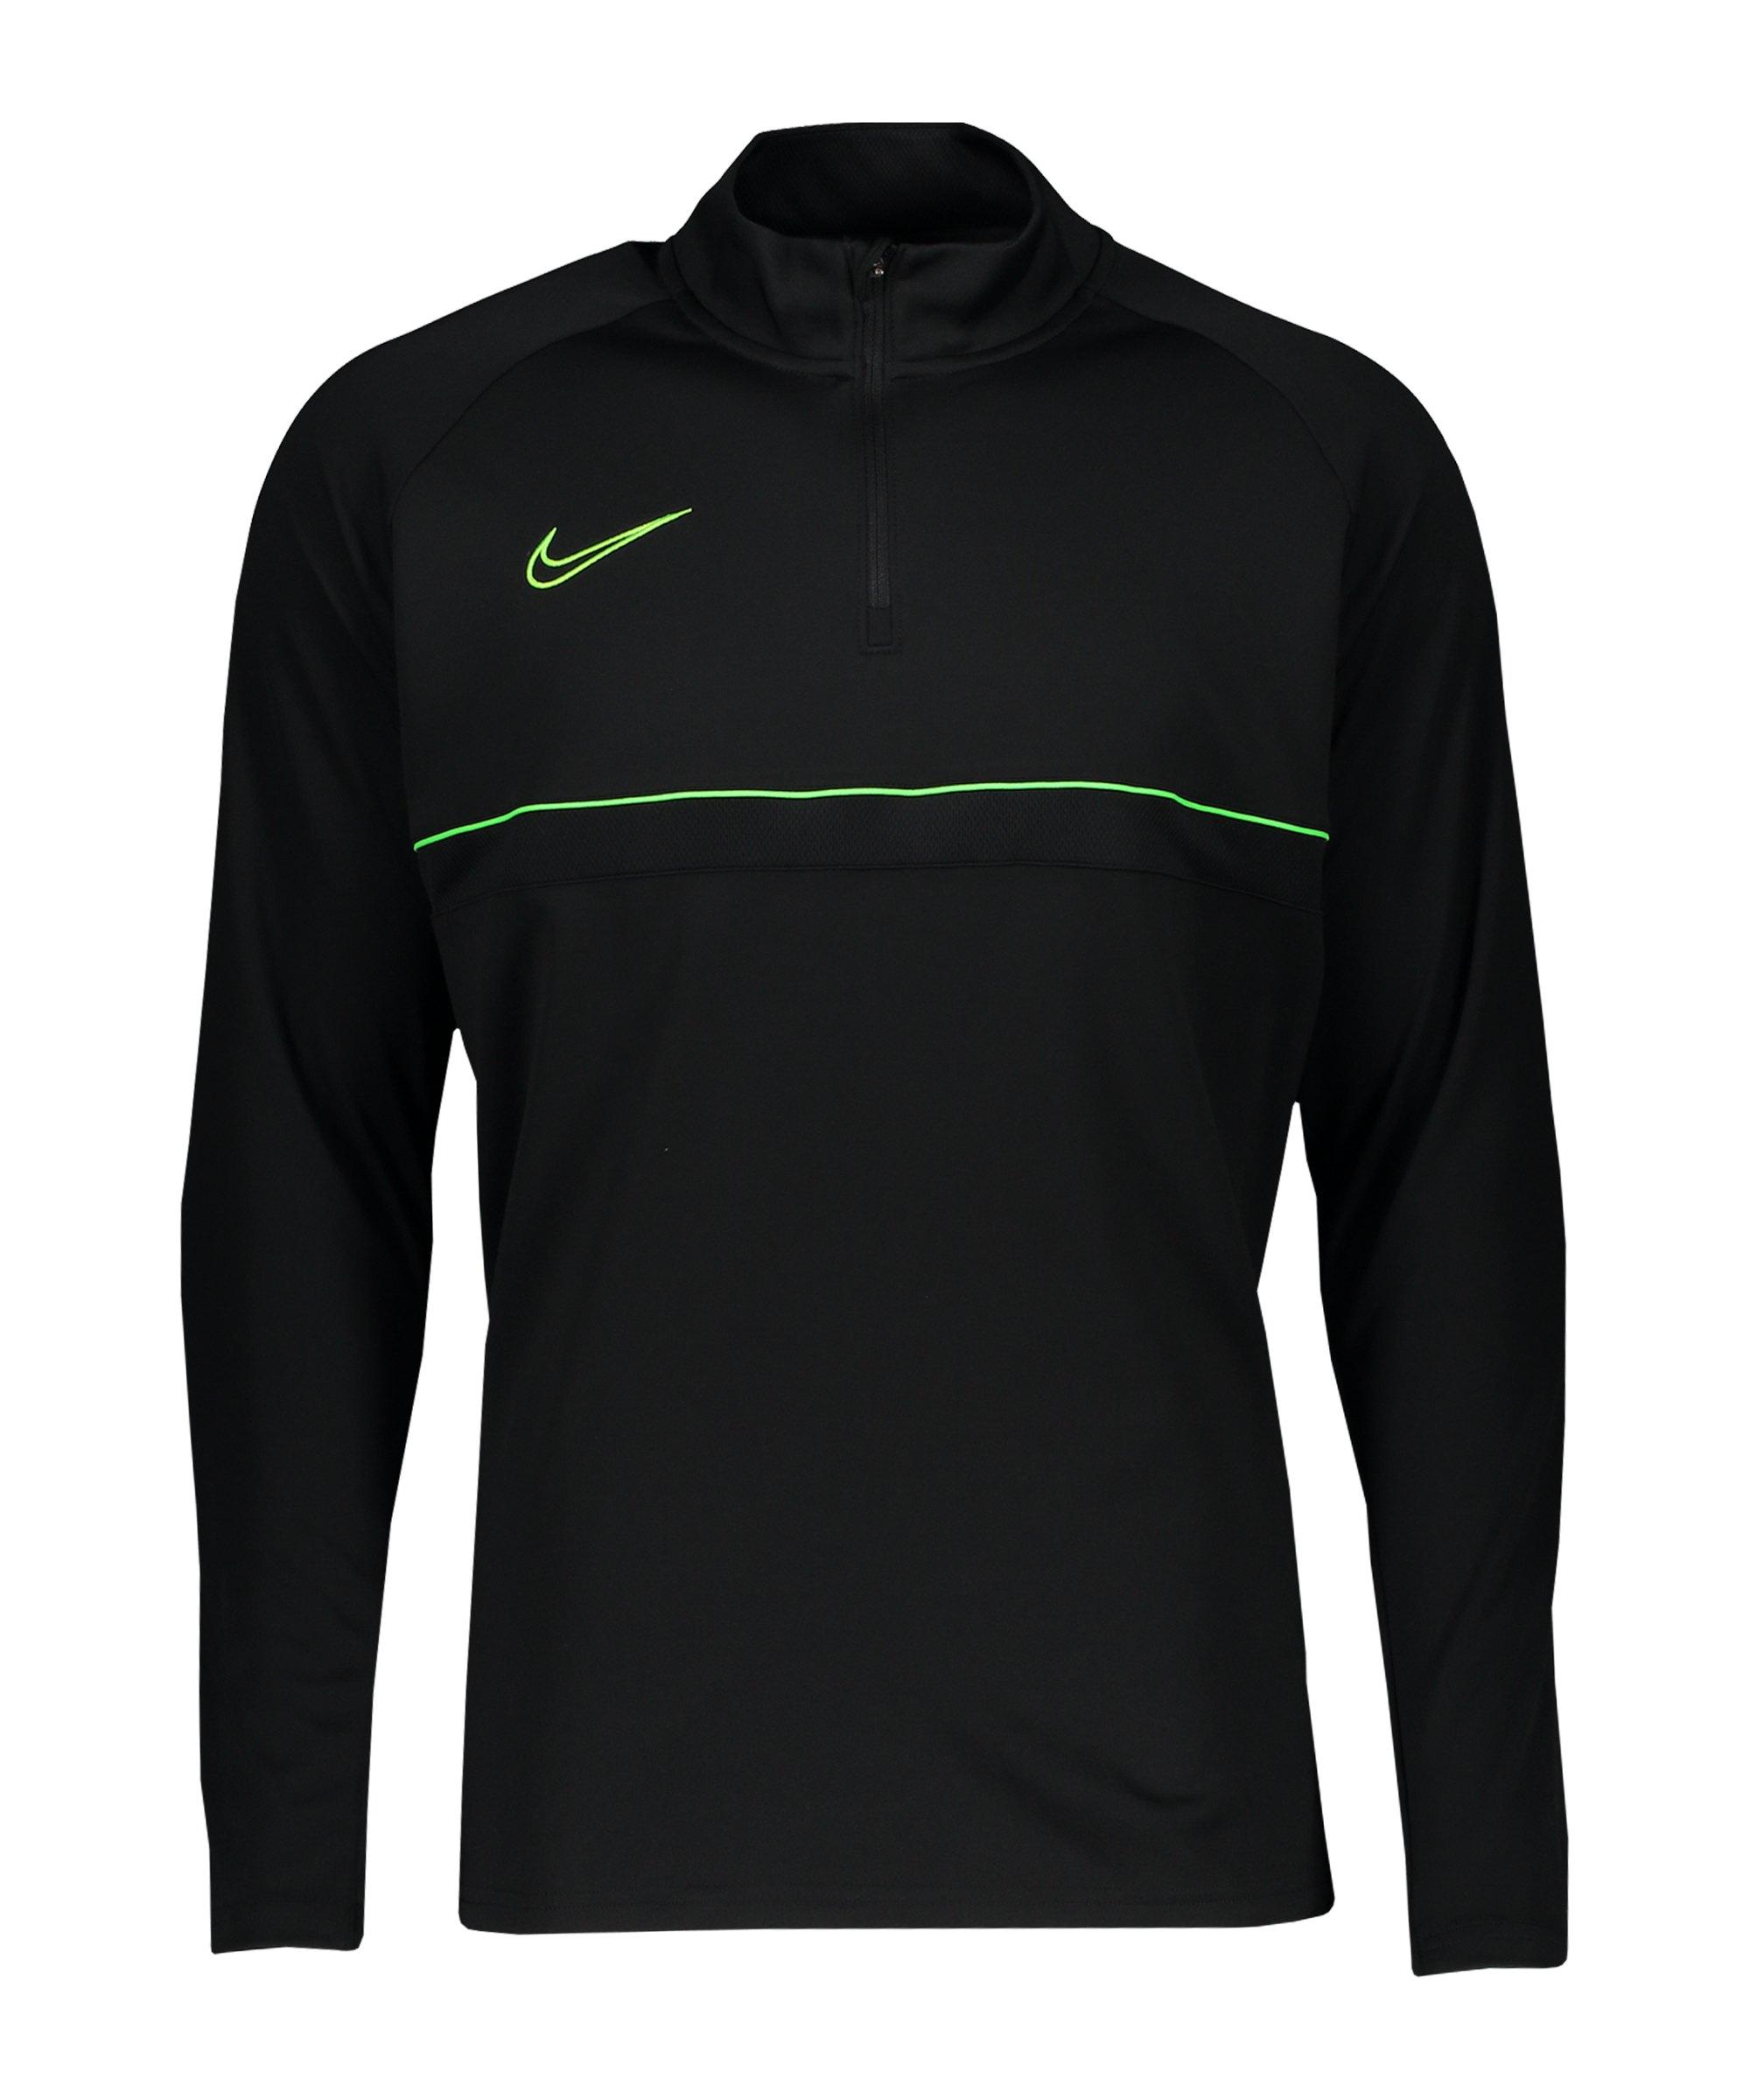 Nike Academy 21 Drill Top Kids Schwarz Grün F015 - schwarz